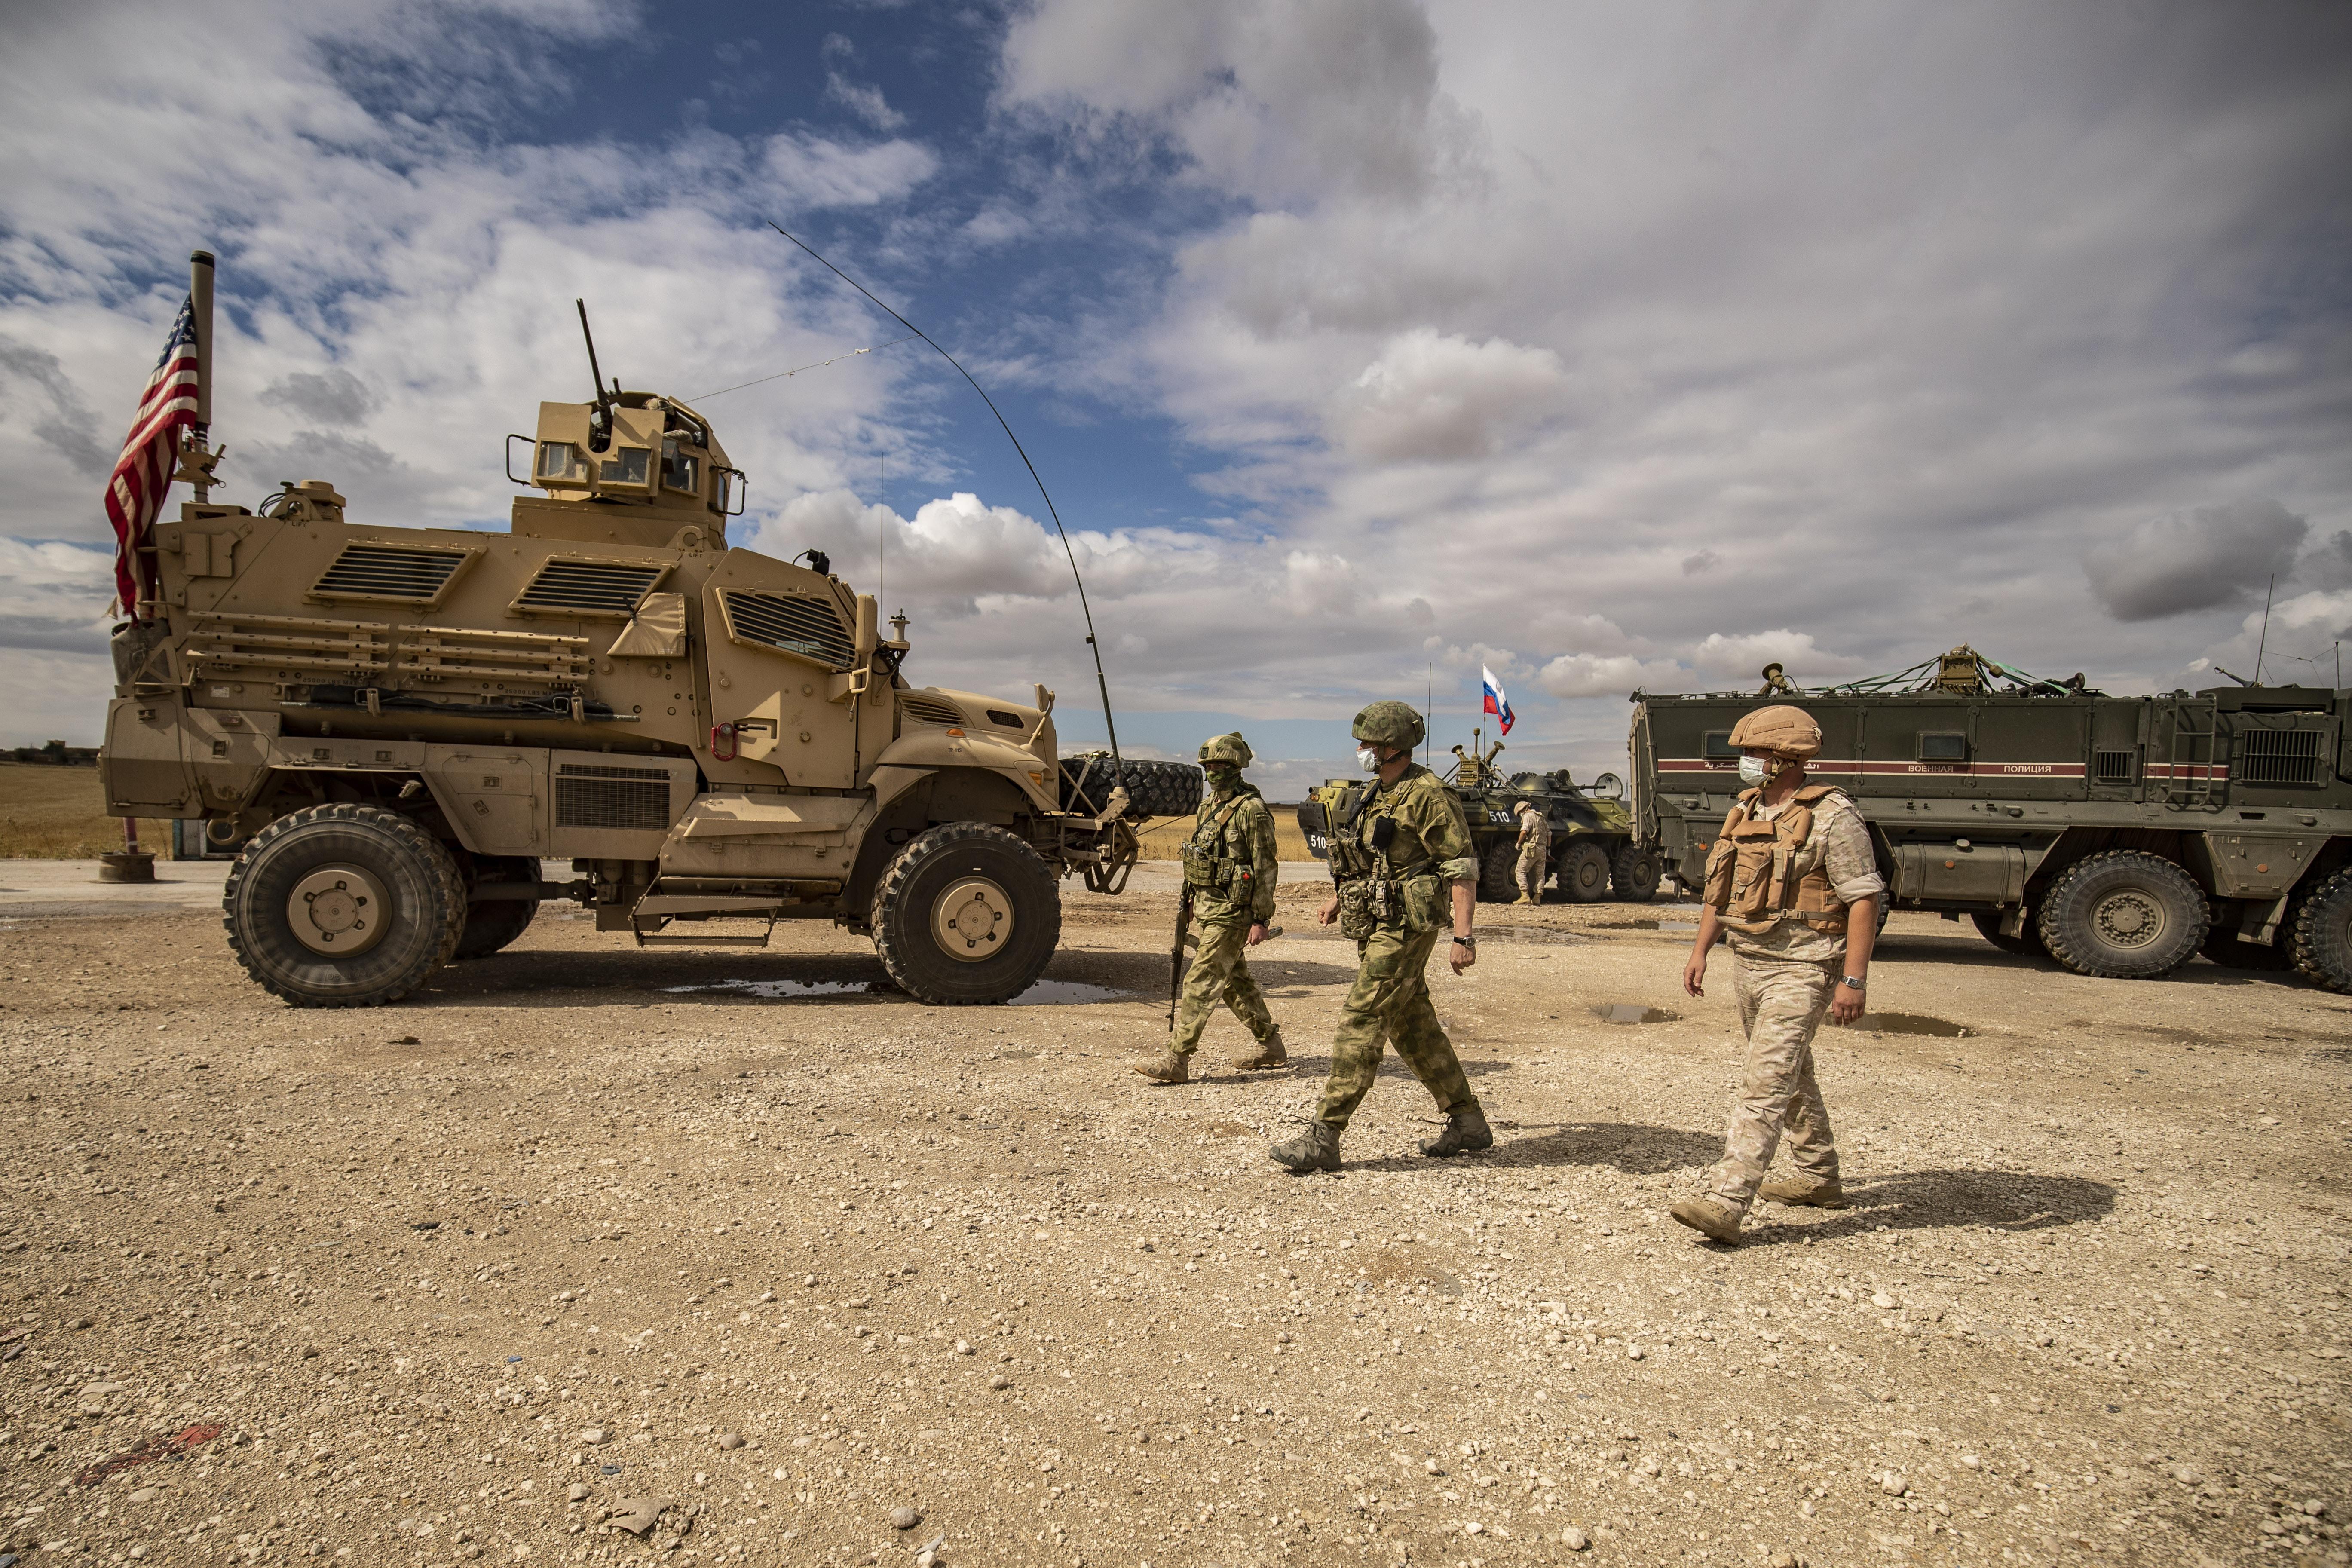 جنود روس يمشون أمام مركبة عسكرية أمريكية على الطريق السريع M4 بالقرب من بلدة تل تمر في سوريا